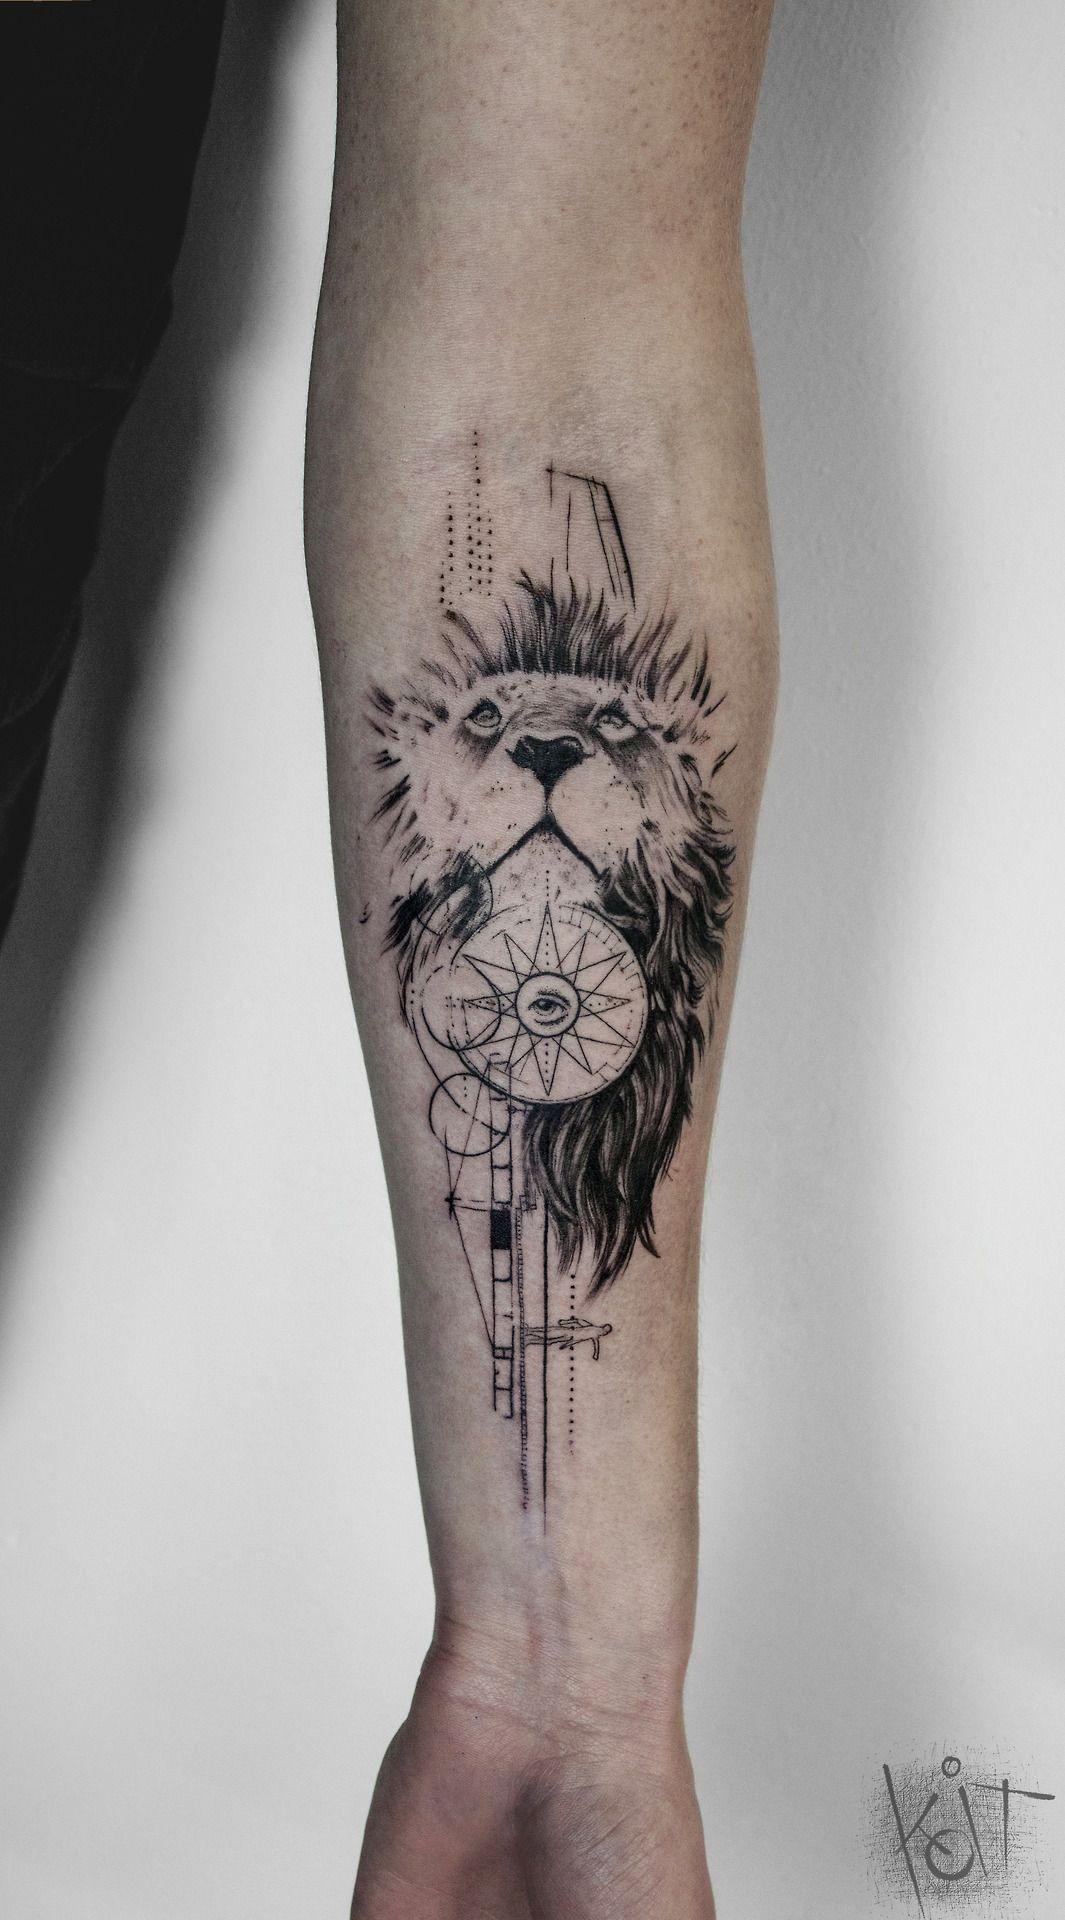 By Koit, Berlin. Forearm Black Tattoo